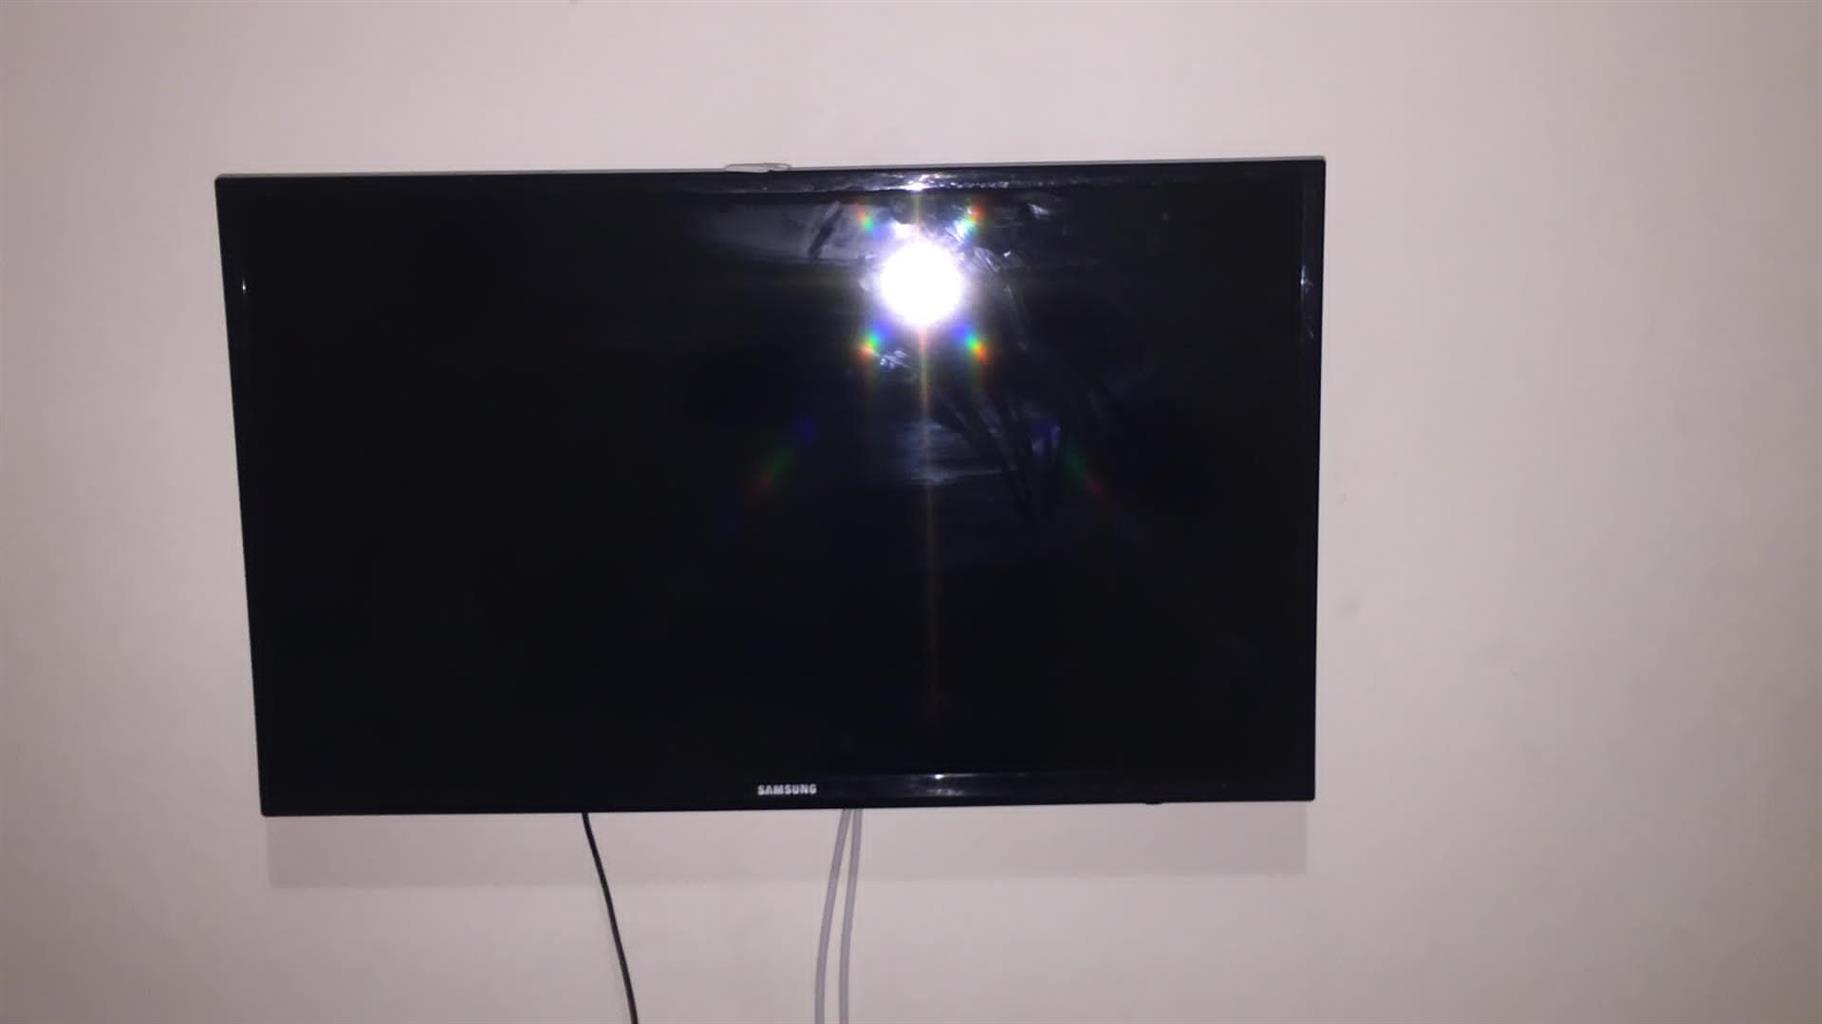 Smart TV & Plasma TV